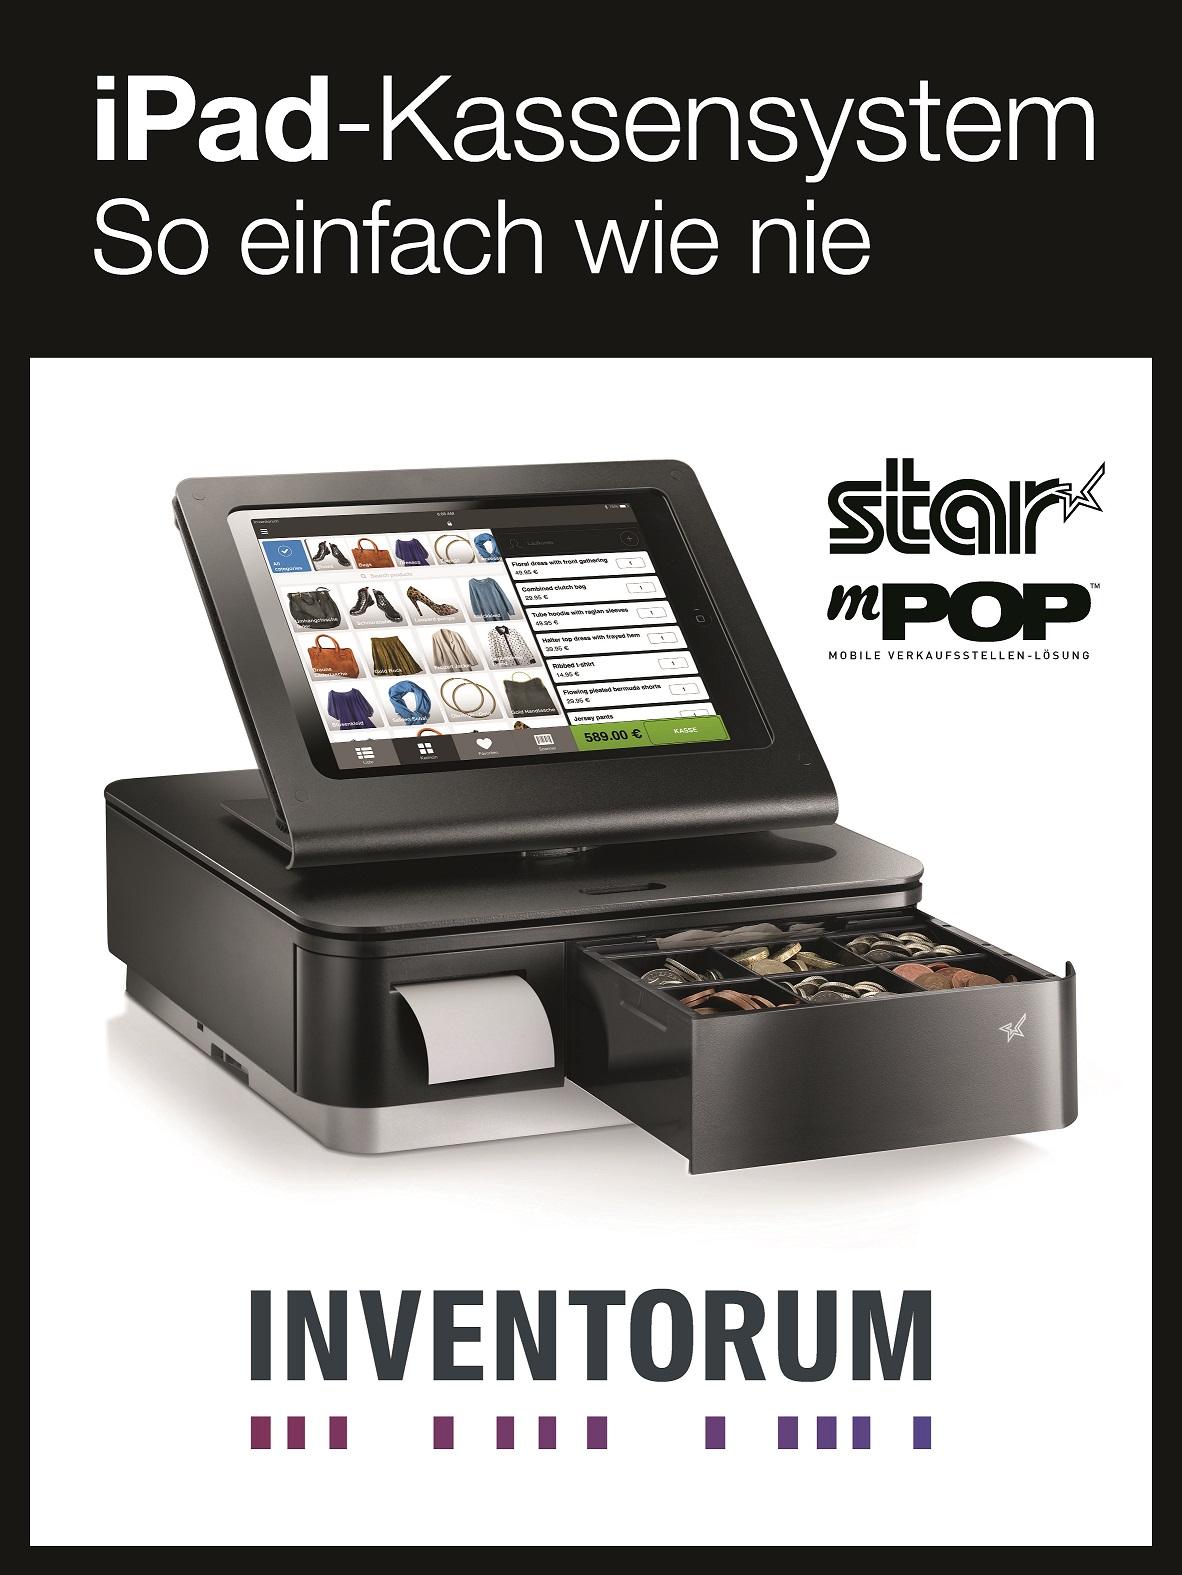 INVENTORUM_Star INVENTORUM zeigt sein leistungsstarkes iPad POS System zusammen mit Star auf der EuroCIS 2018 - Halle 9 / A14